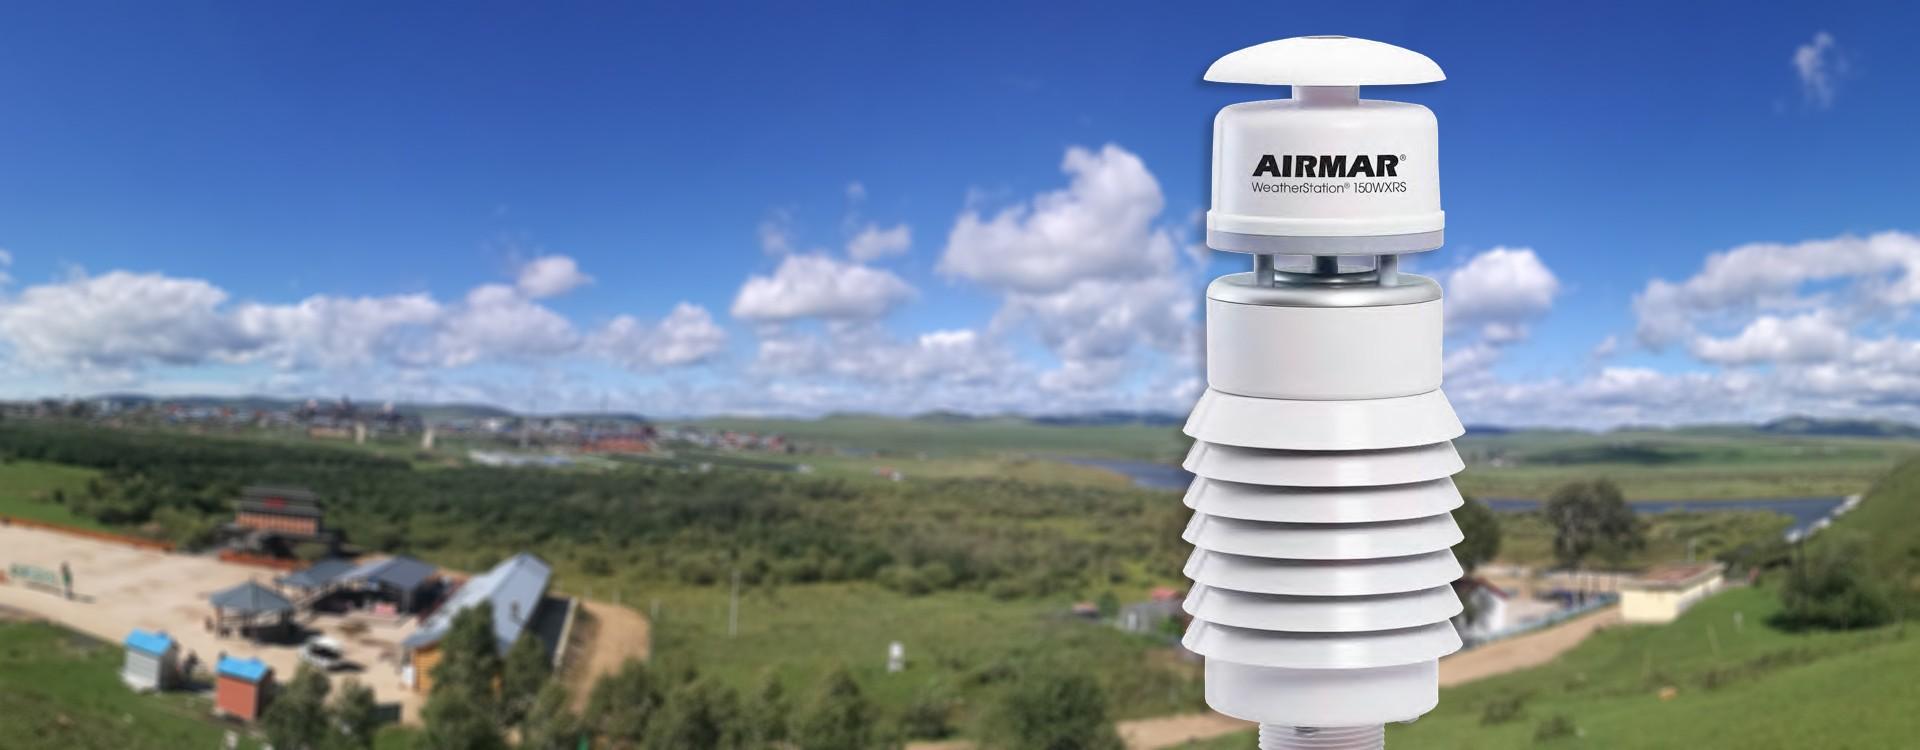 150WXRS超聲波氣象站